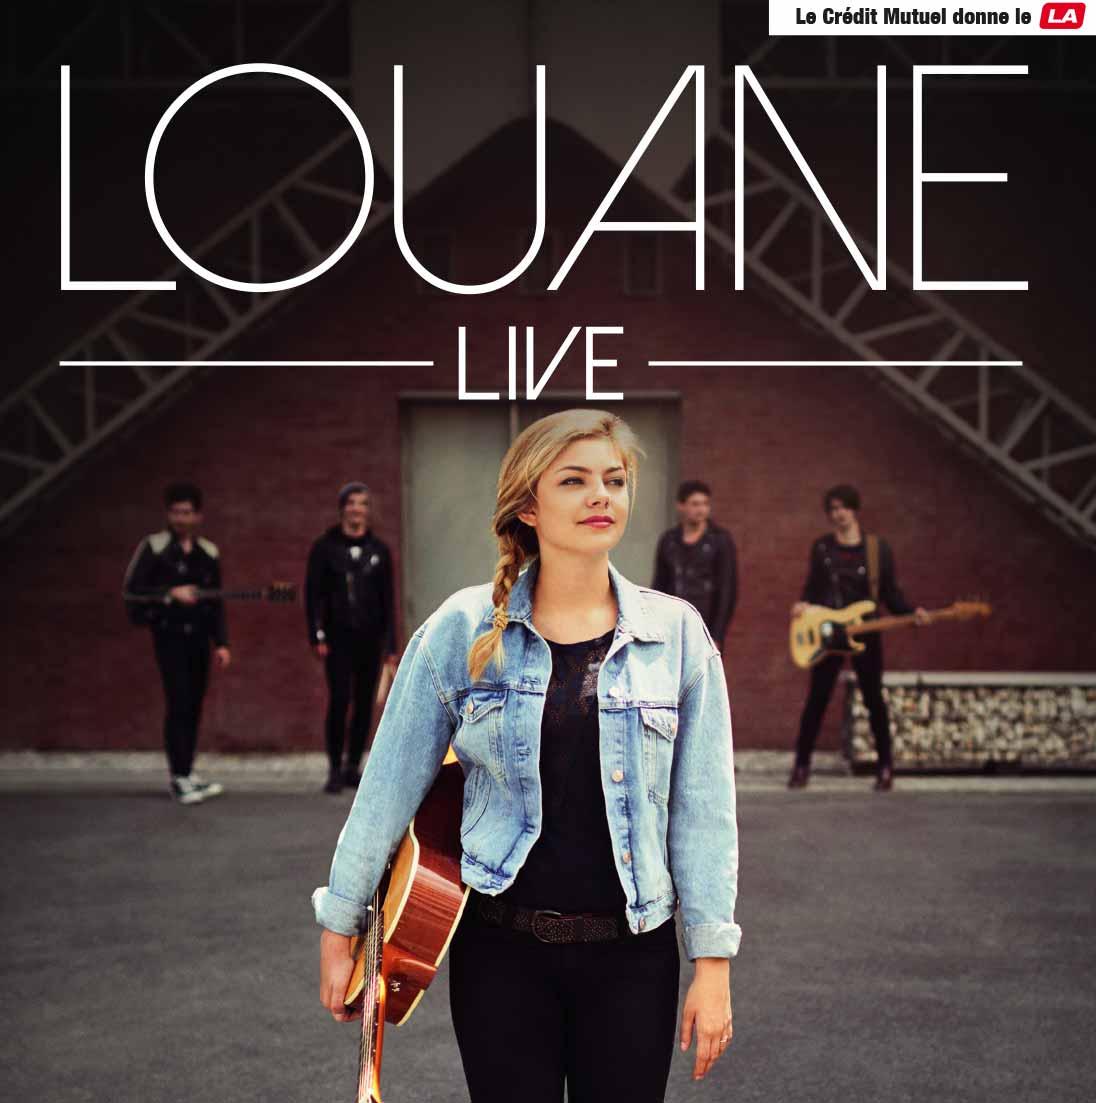 Tourn e live louane 2016 le cr dit mutuel donne le la for Musique de louane